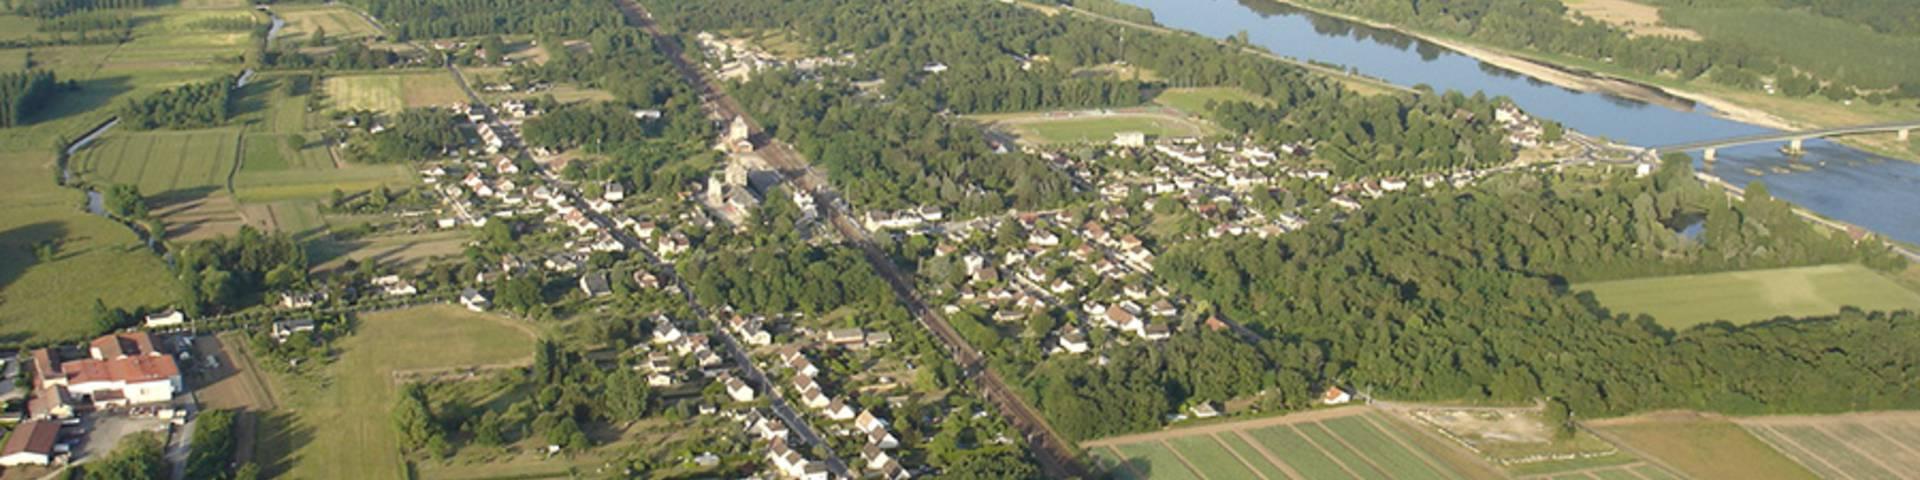 Onzain, ein Dörfchen im Loire-Tal